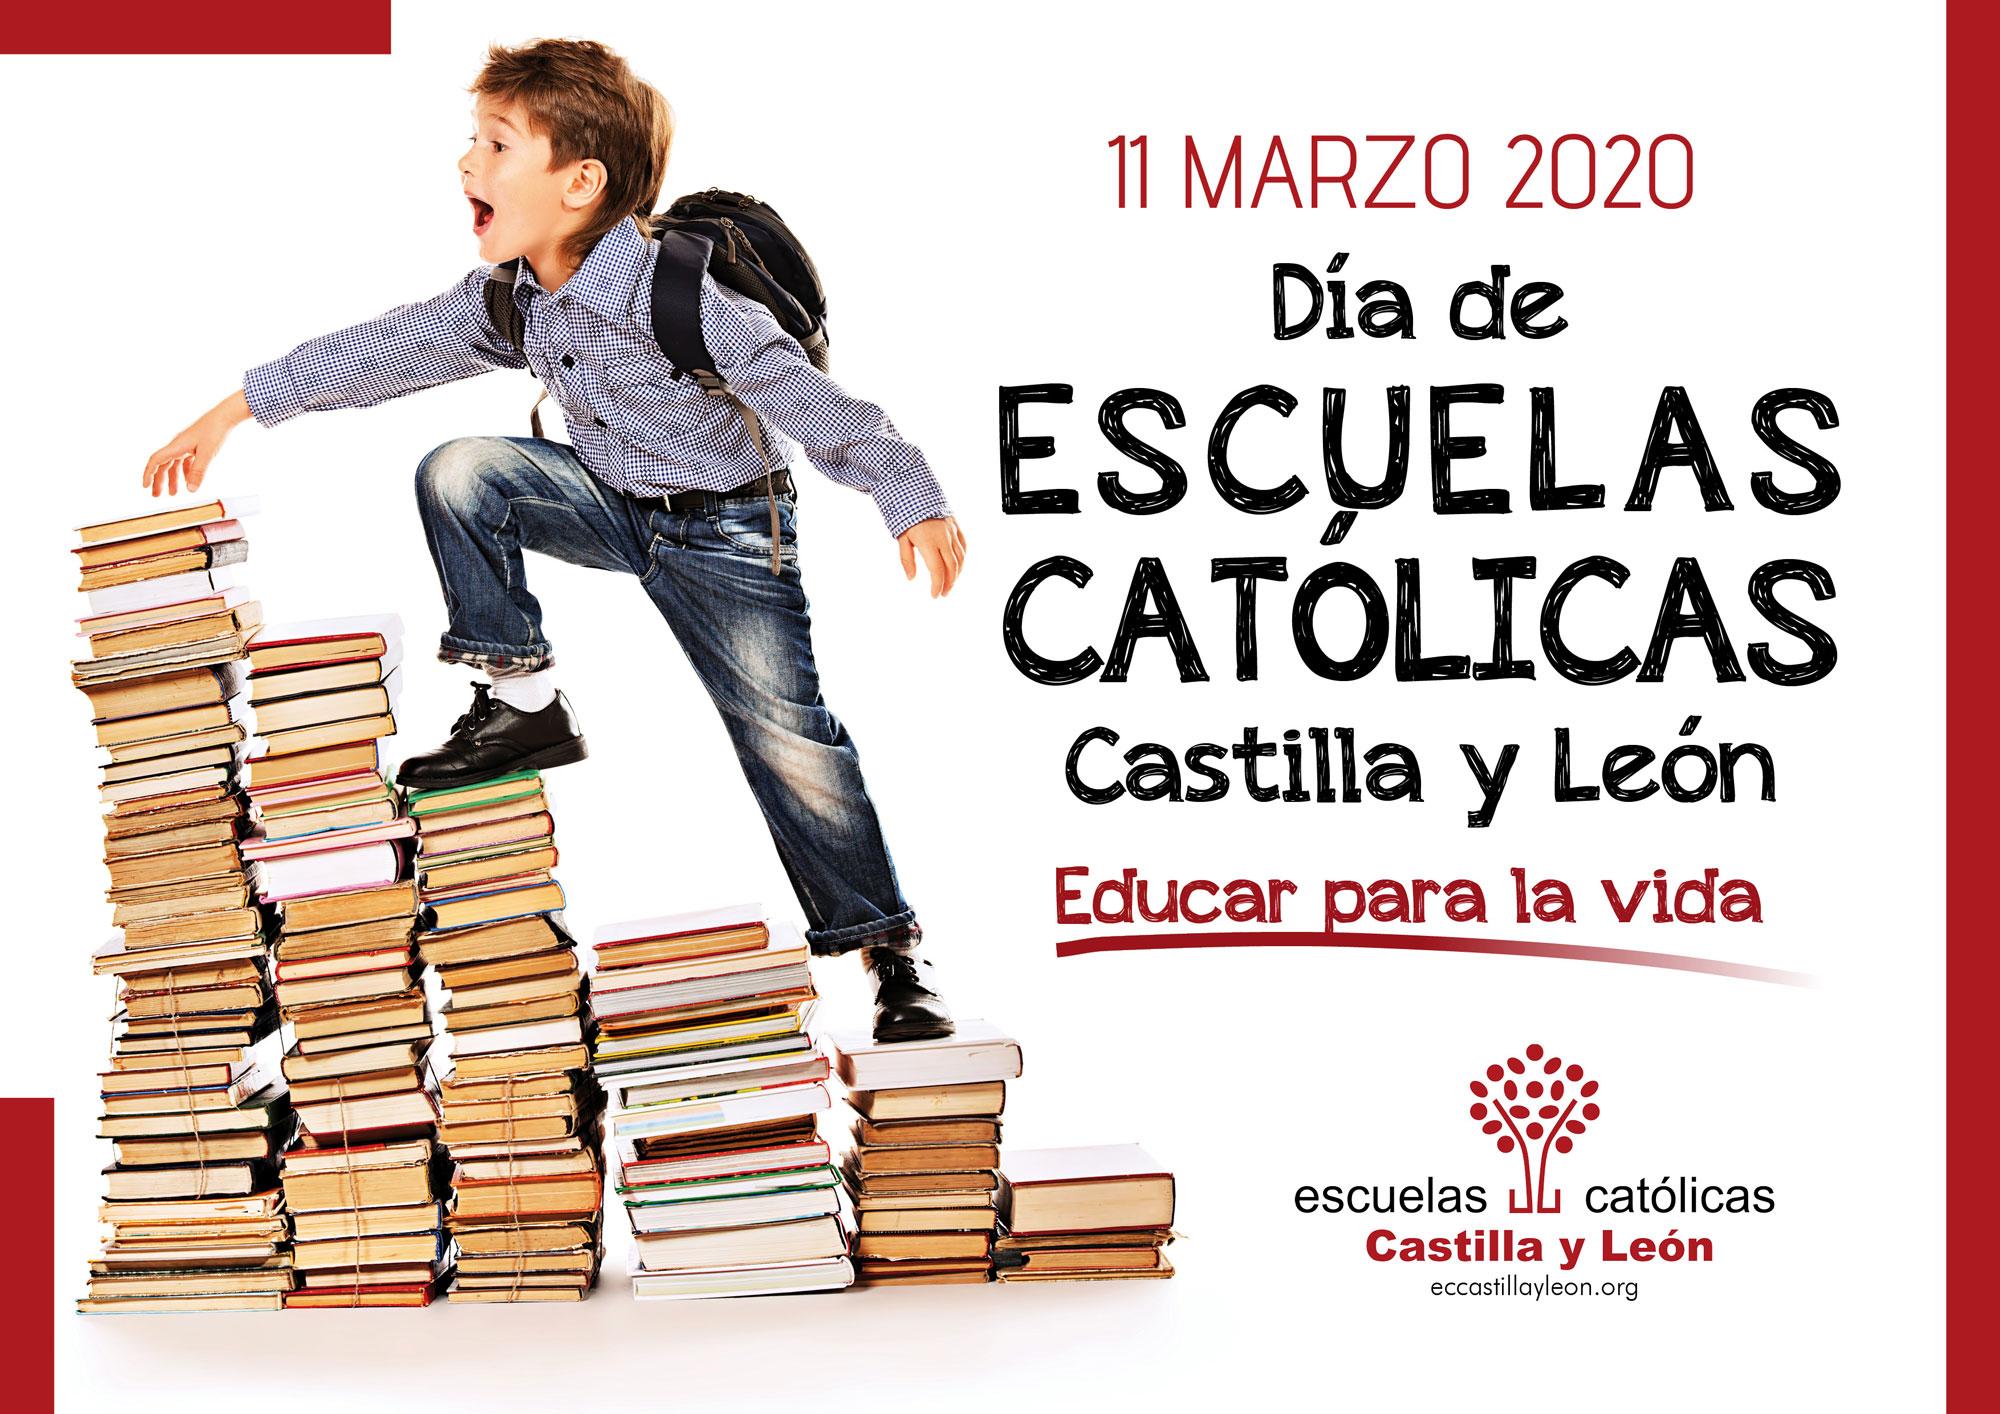 Dia-de-Escuelas-Catolicas-Castilla-y-Leon-2020